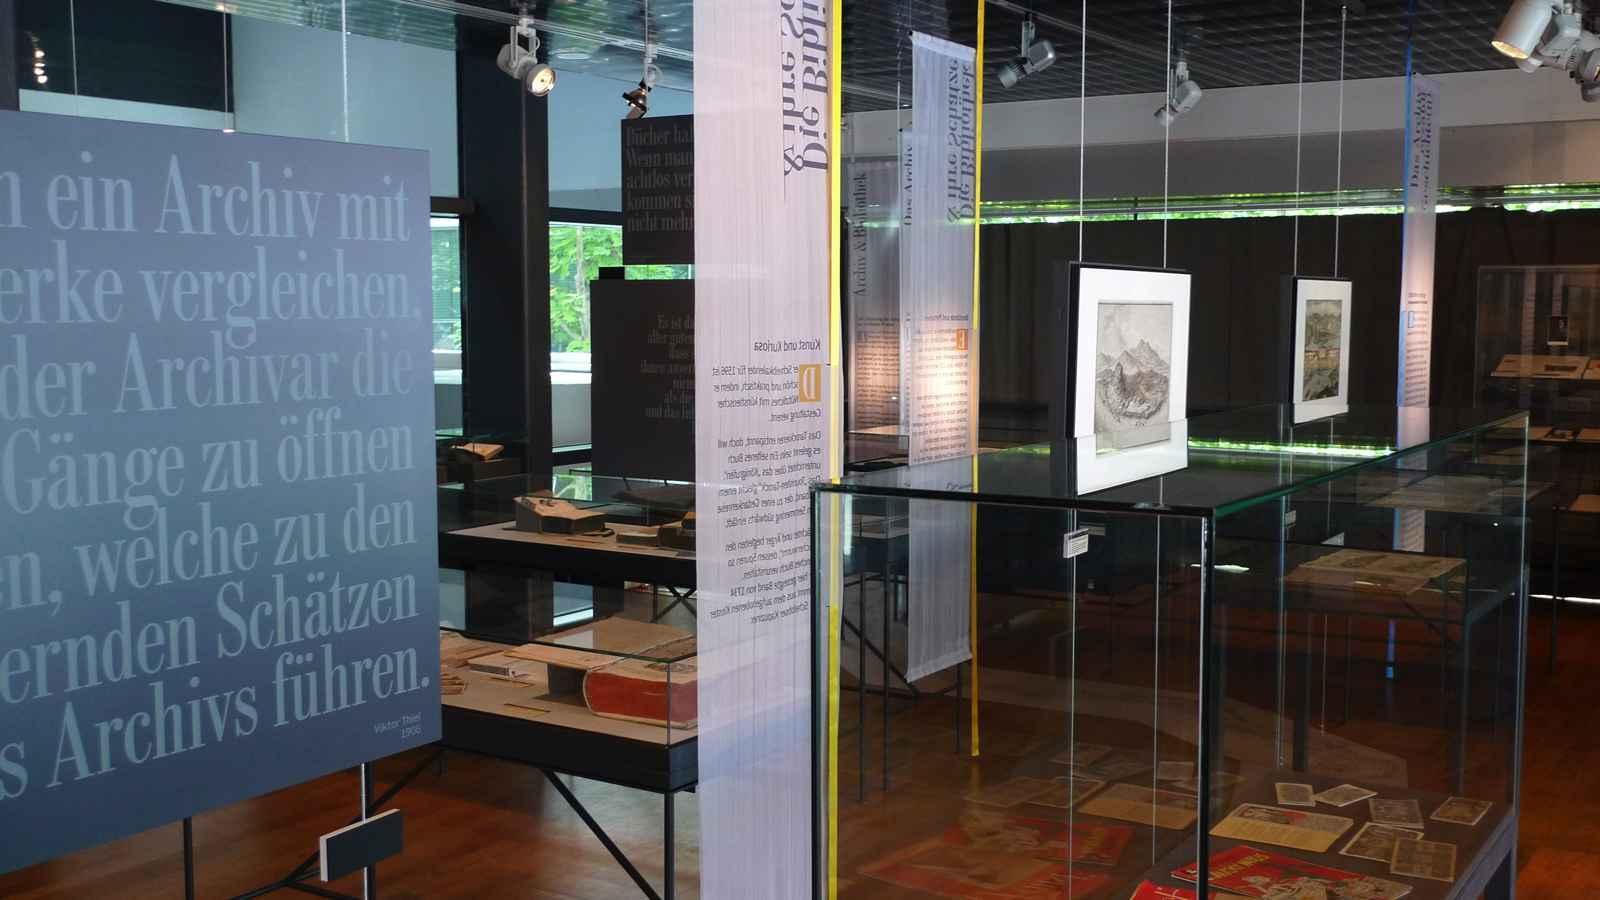 Raumeindruck mit Texttafeln, Vitrinen, Gemälden und Texthängern.